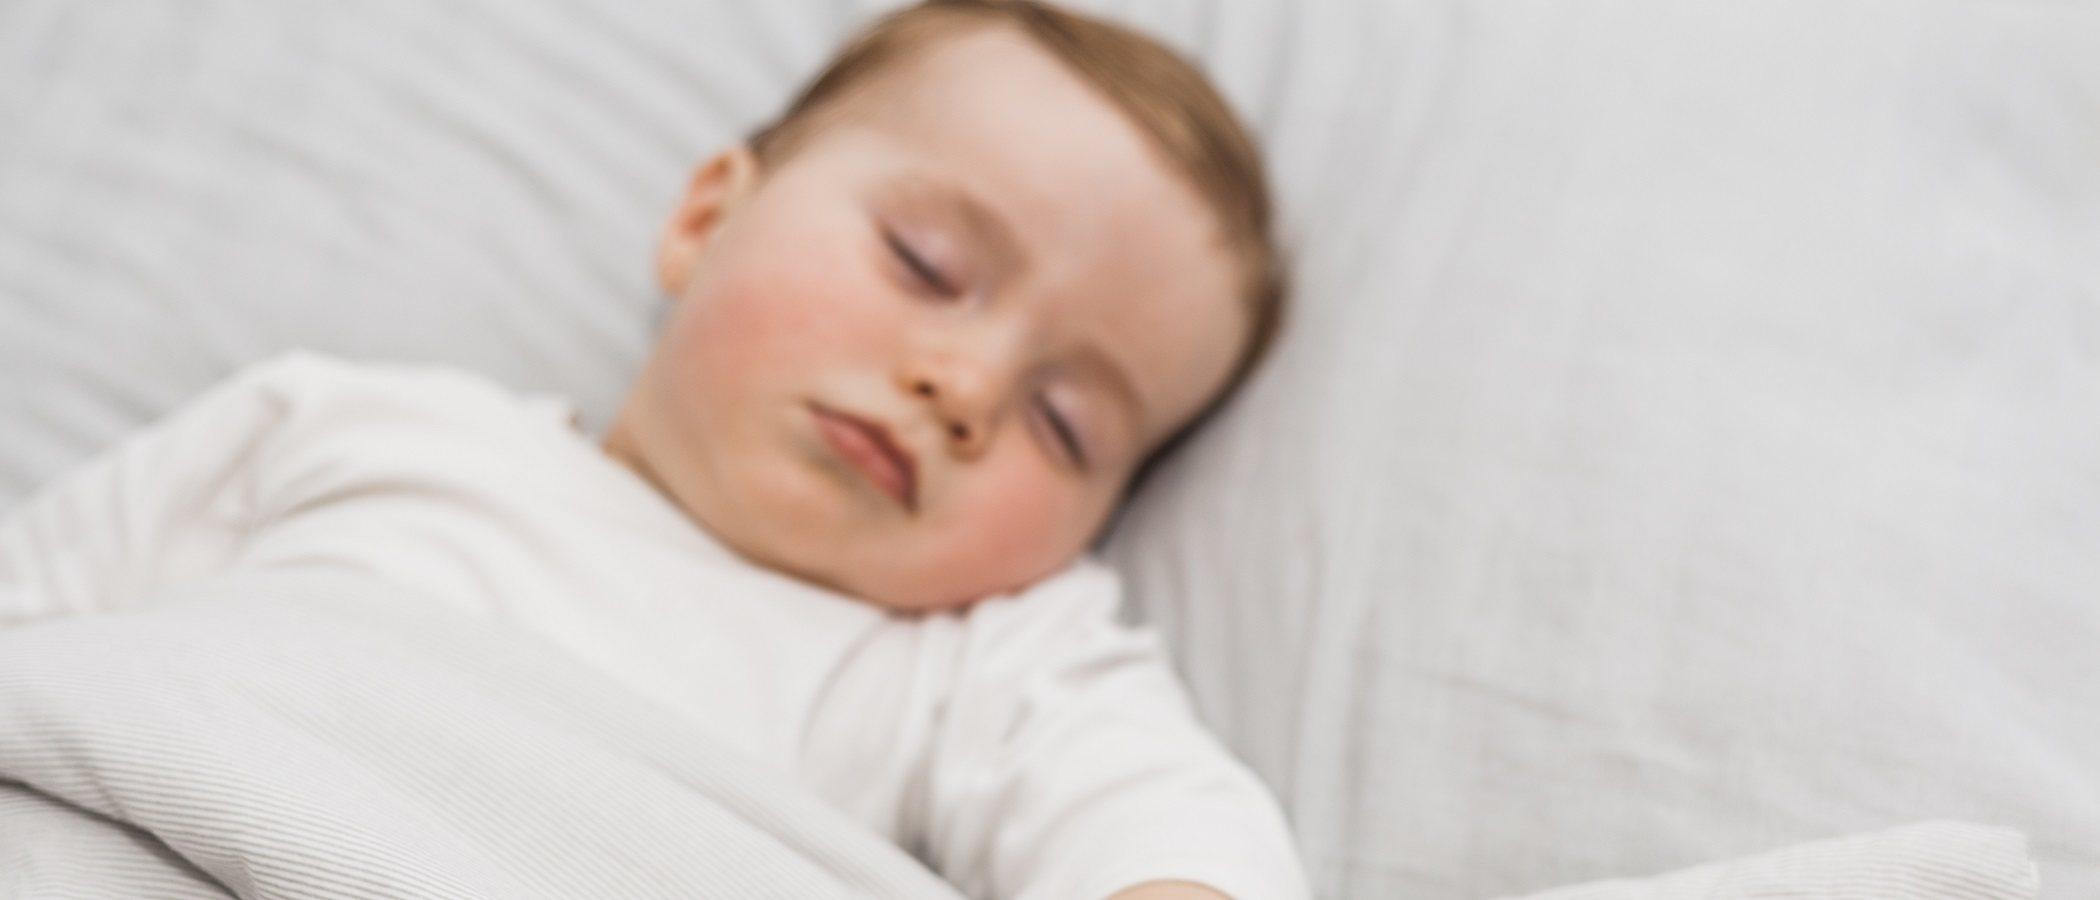 La importancia de estimular emocionalmente al bebé